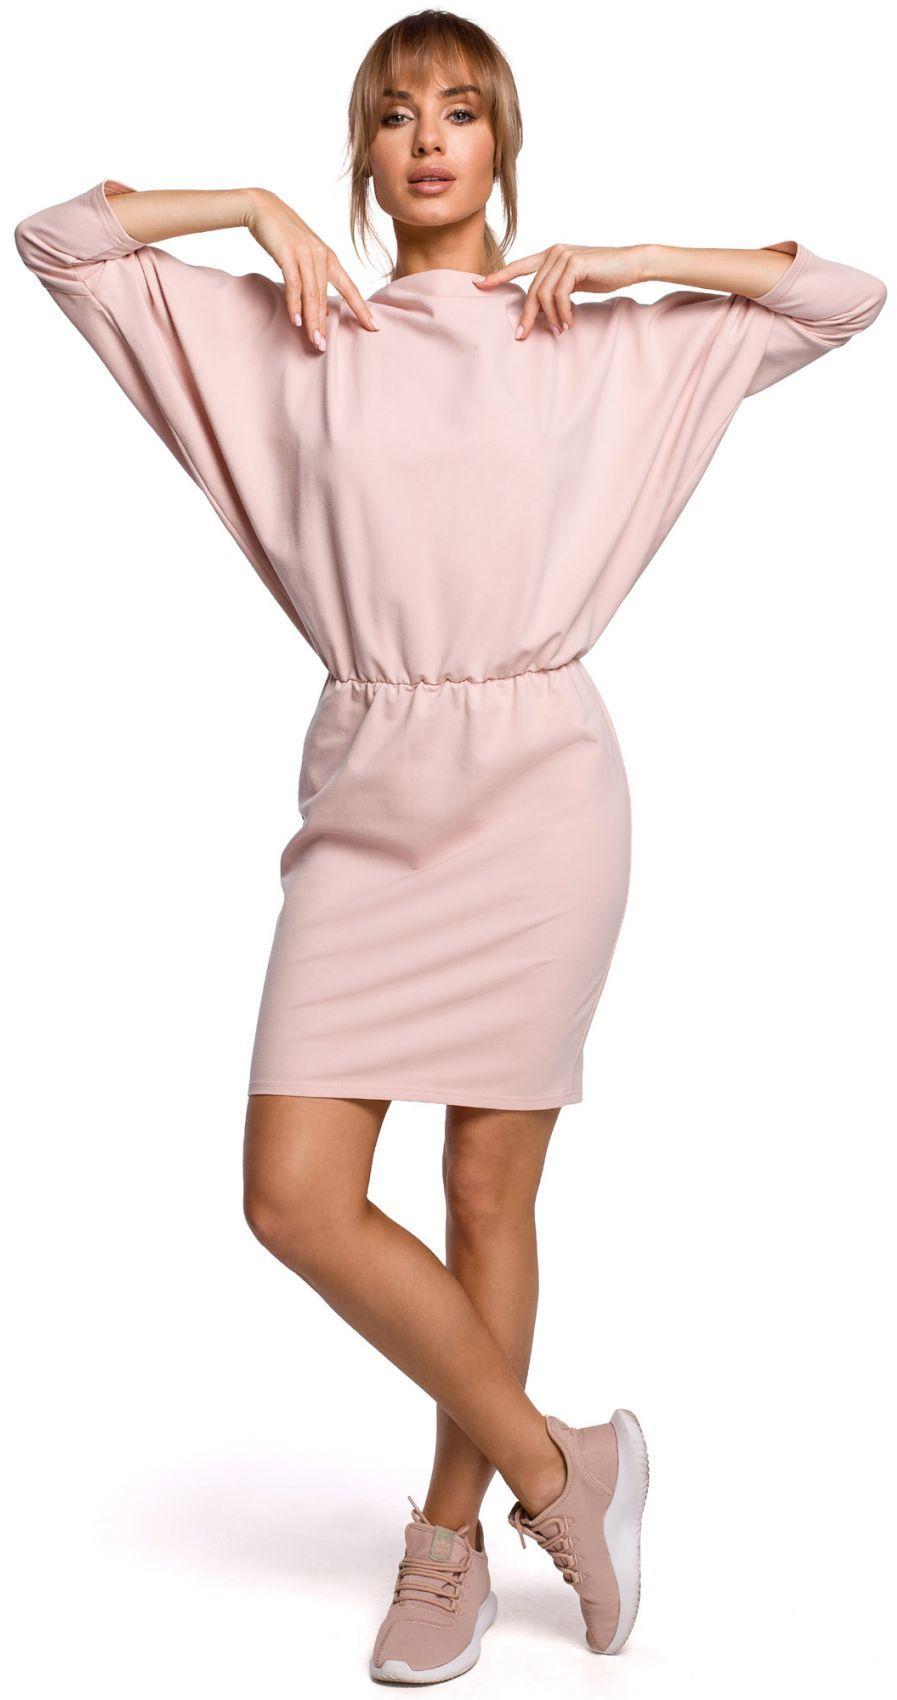 M495 Sukienka mini z lampasem do regulacji z tyłu - cukierkowo różowa